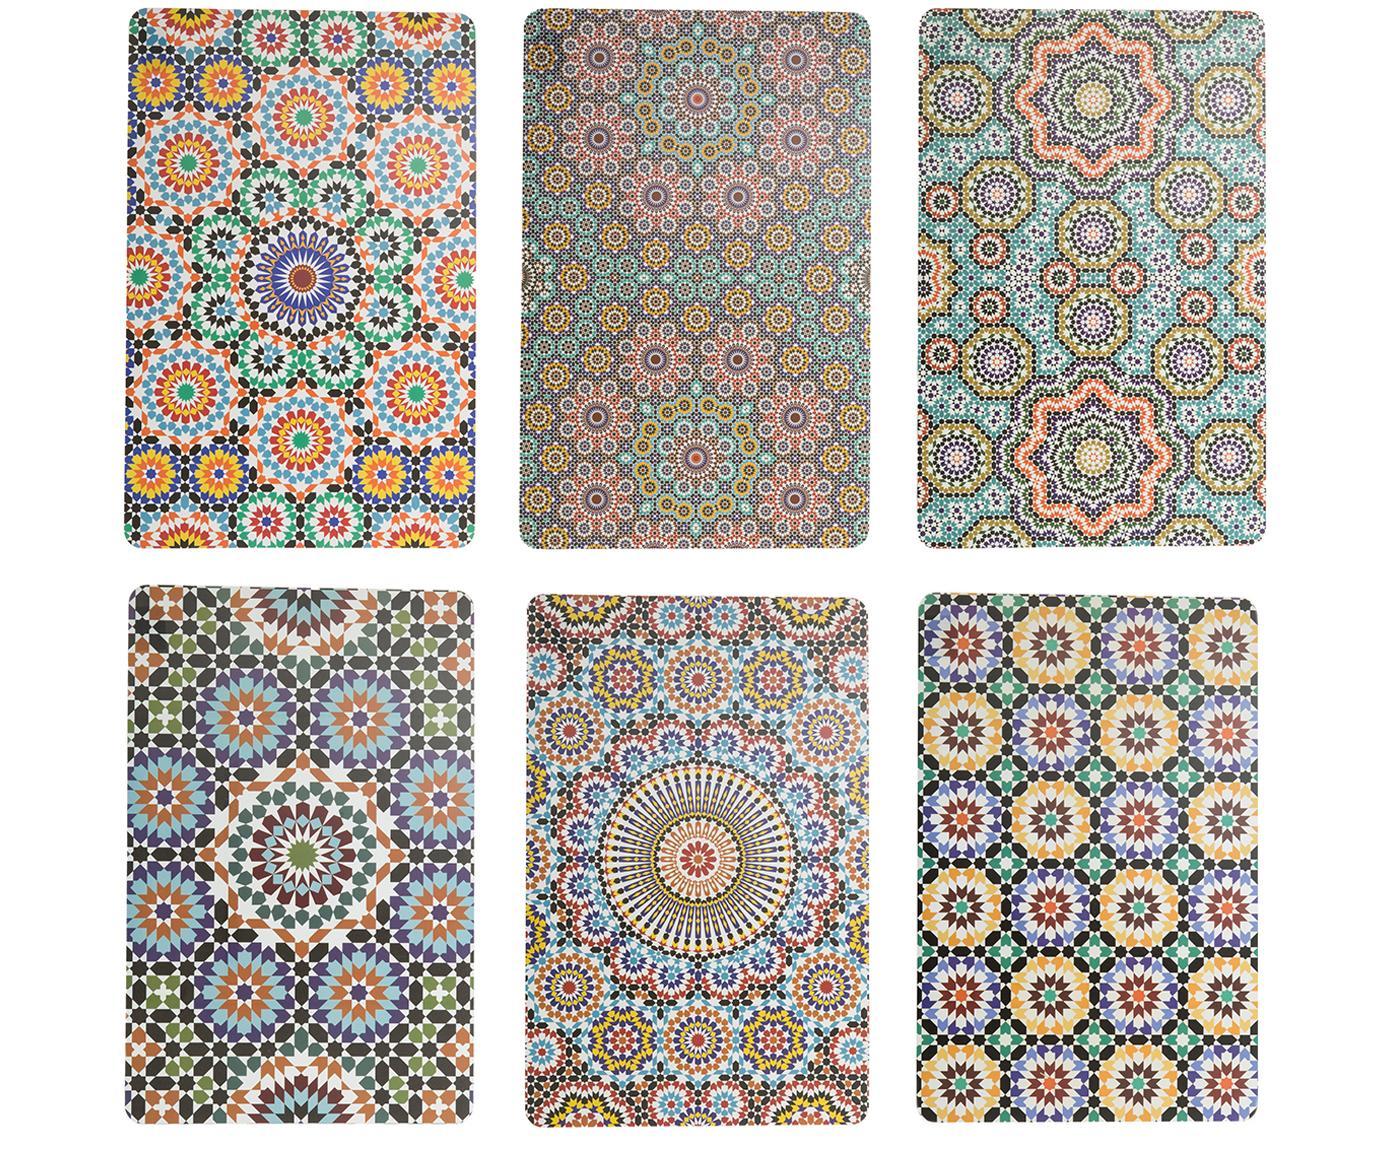 Kunststof placemats Marrakech, 6er set, Kunststof, Multicolour, 28 x 44 cm